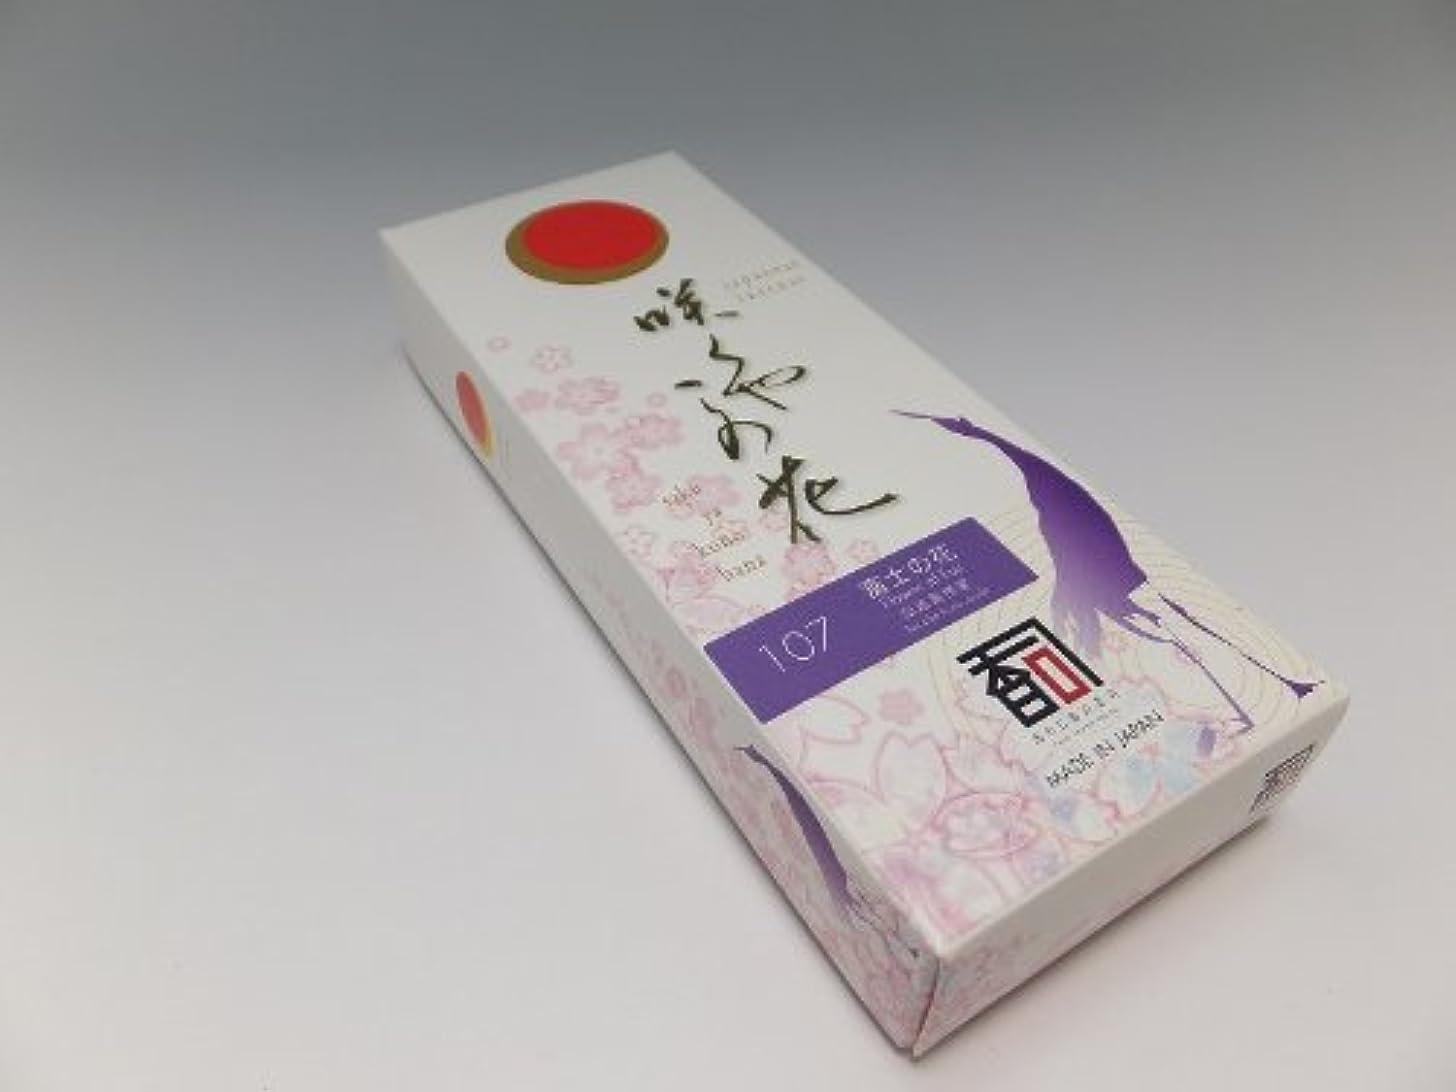 削る薬理学仲間「あわじ島の香司」 日本の香りシリーズ  [咲くや この花] 【107】 富士の花 (煙少)